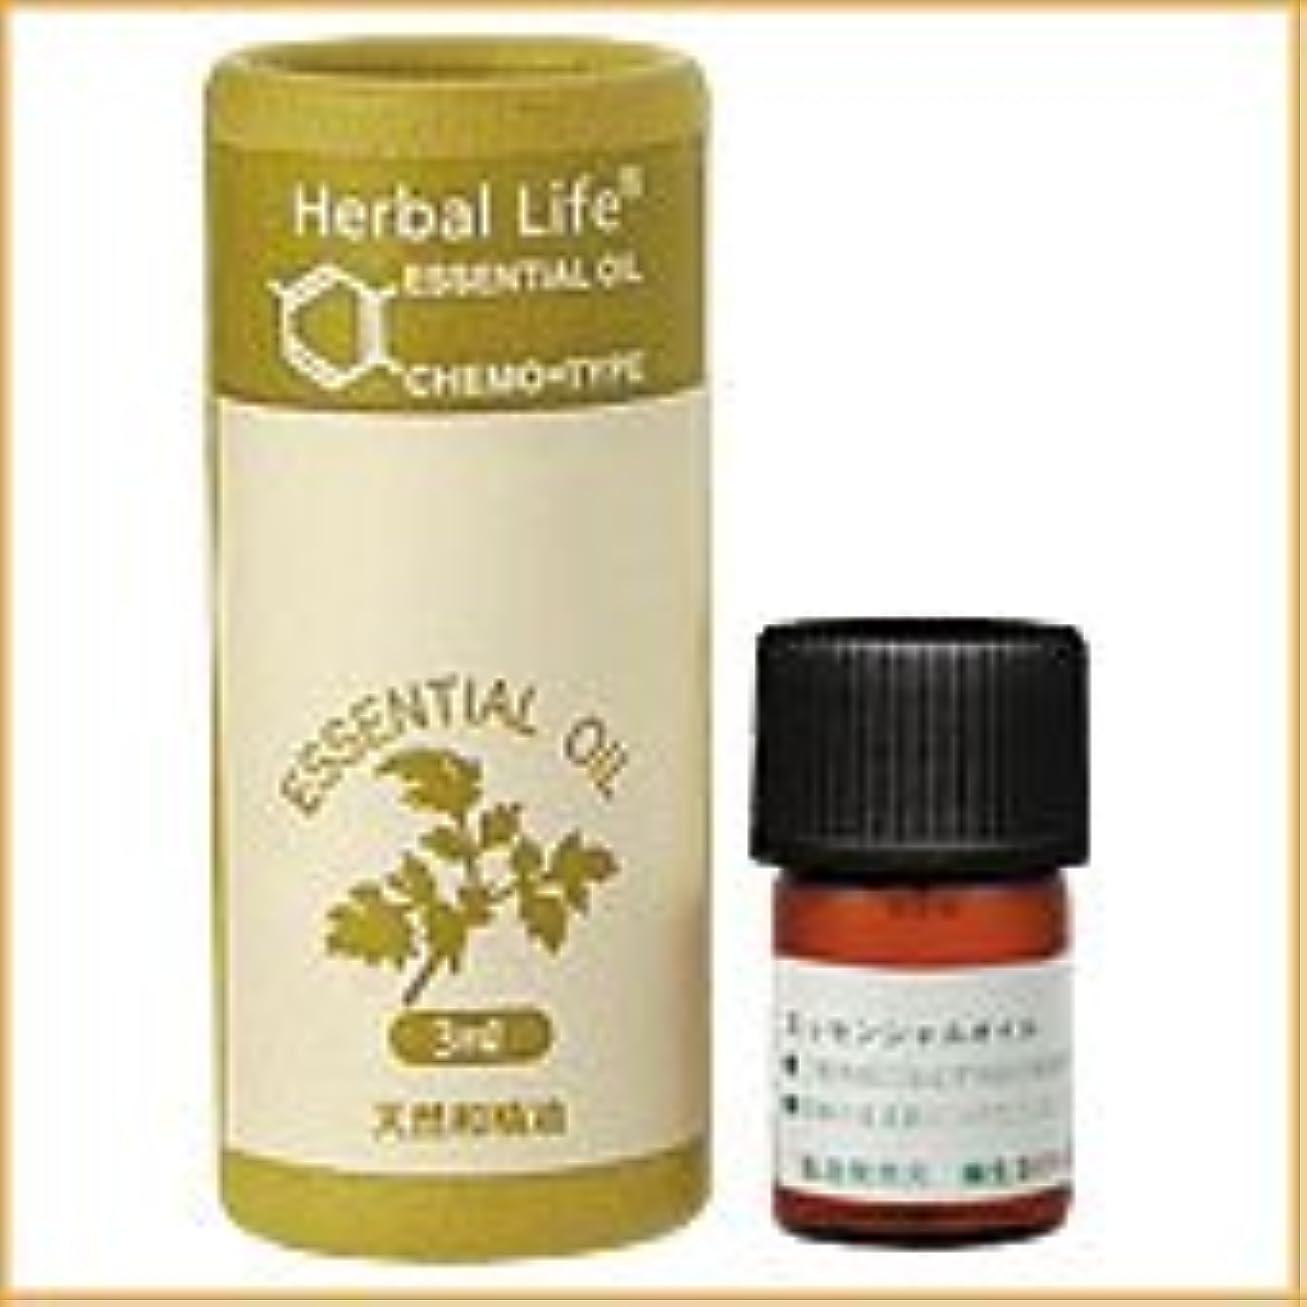 さておき八百屋のり生活の木 アロマオイル ヒノキ 3ml (Tree of Life Essential Oil/エッセンシャルオイル)